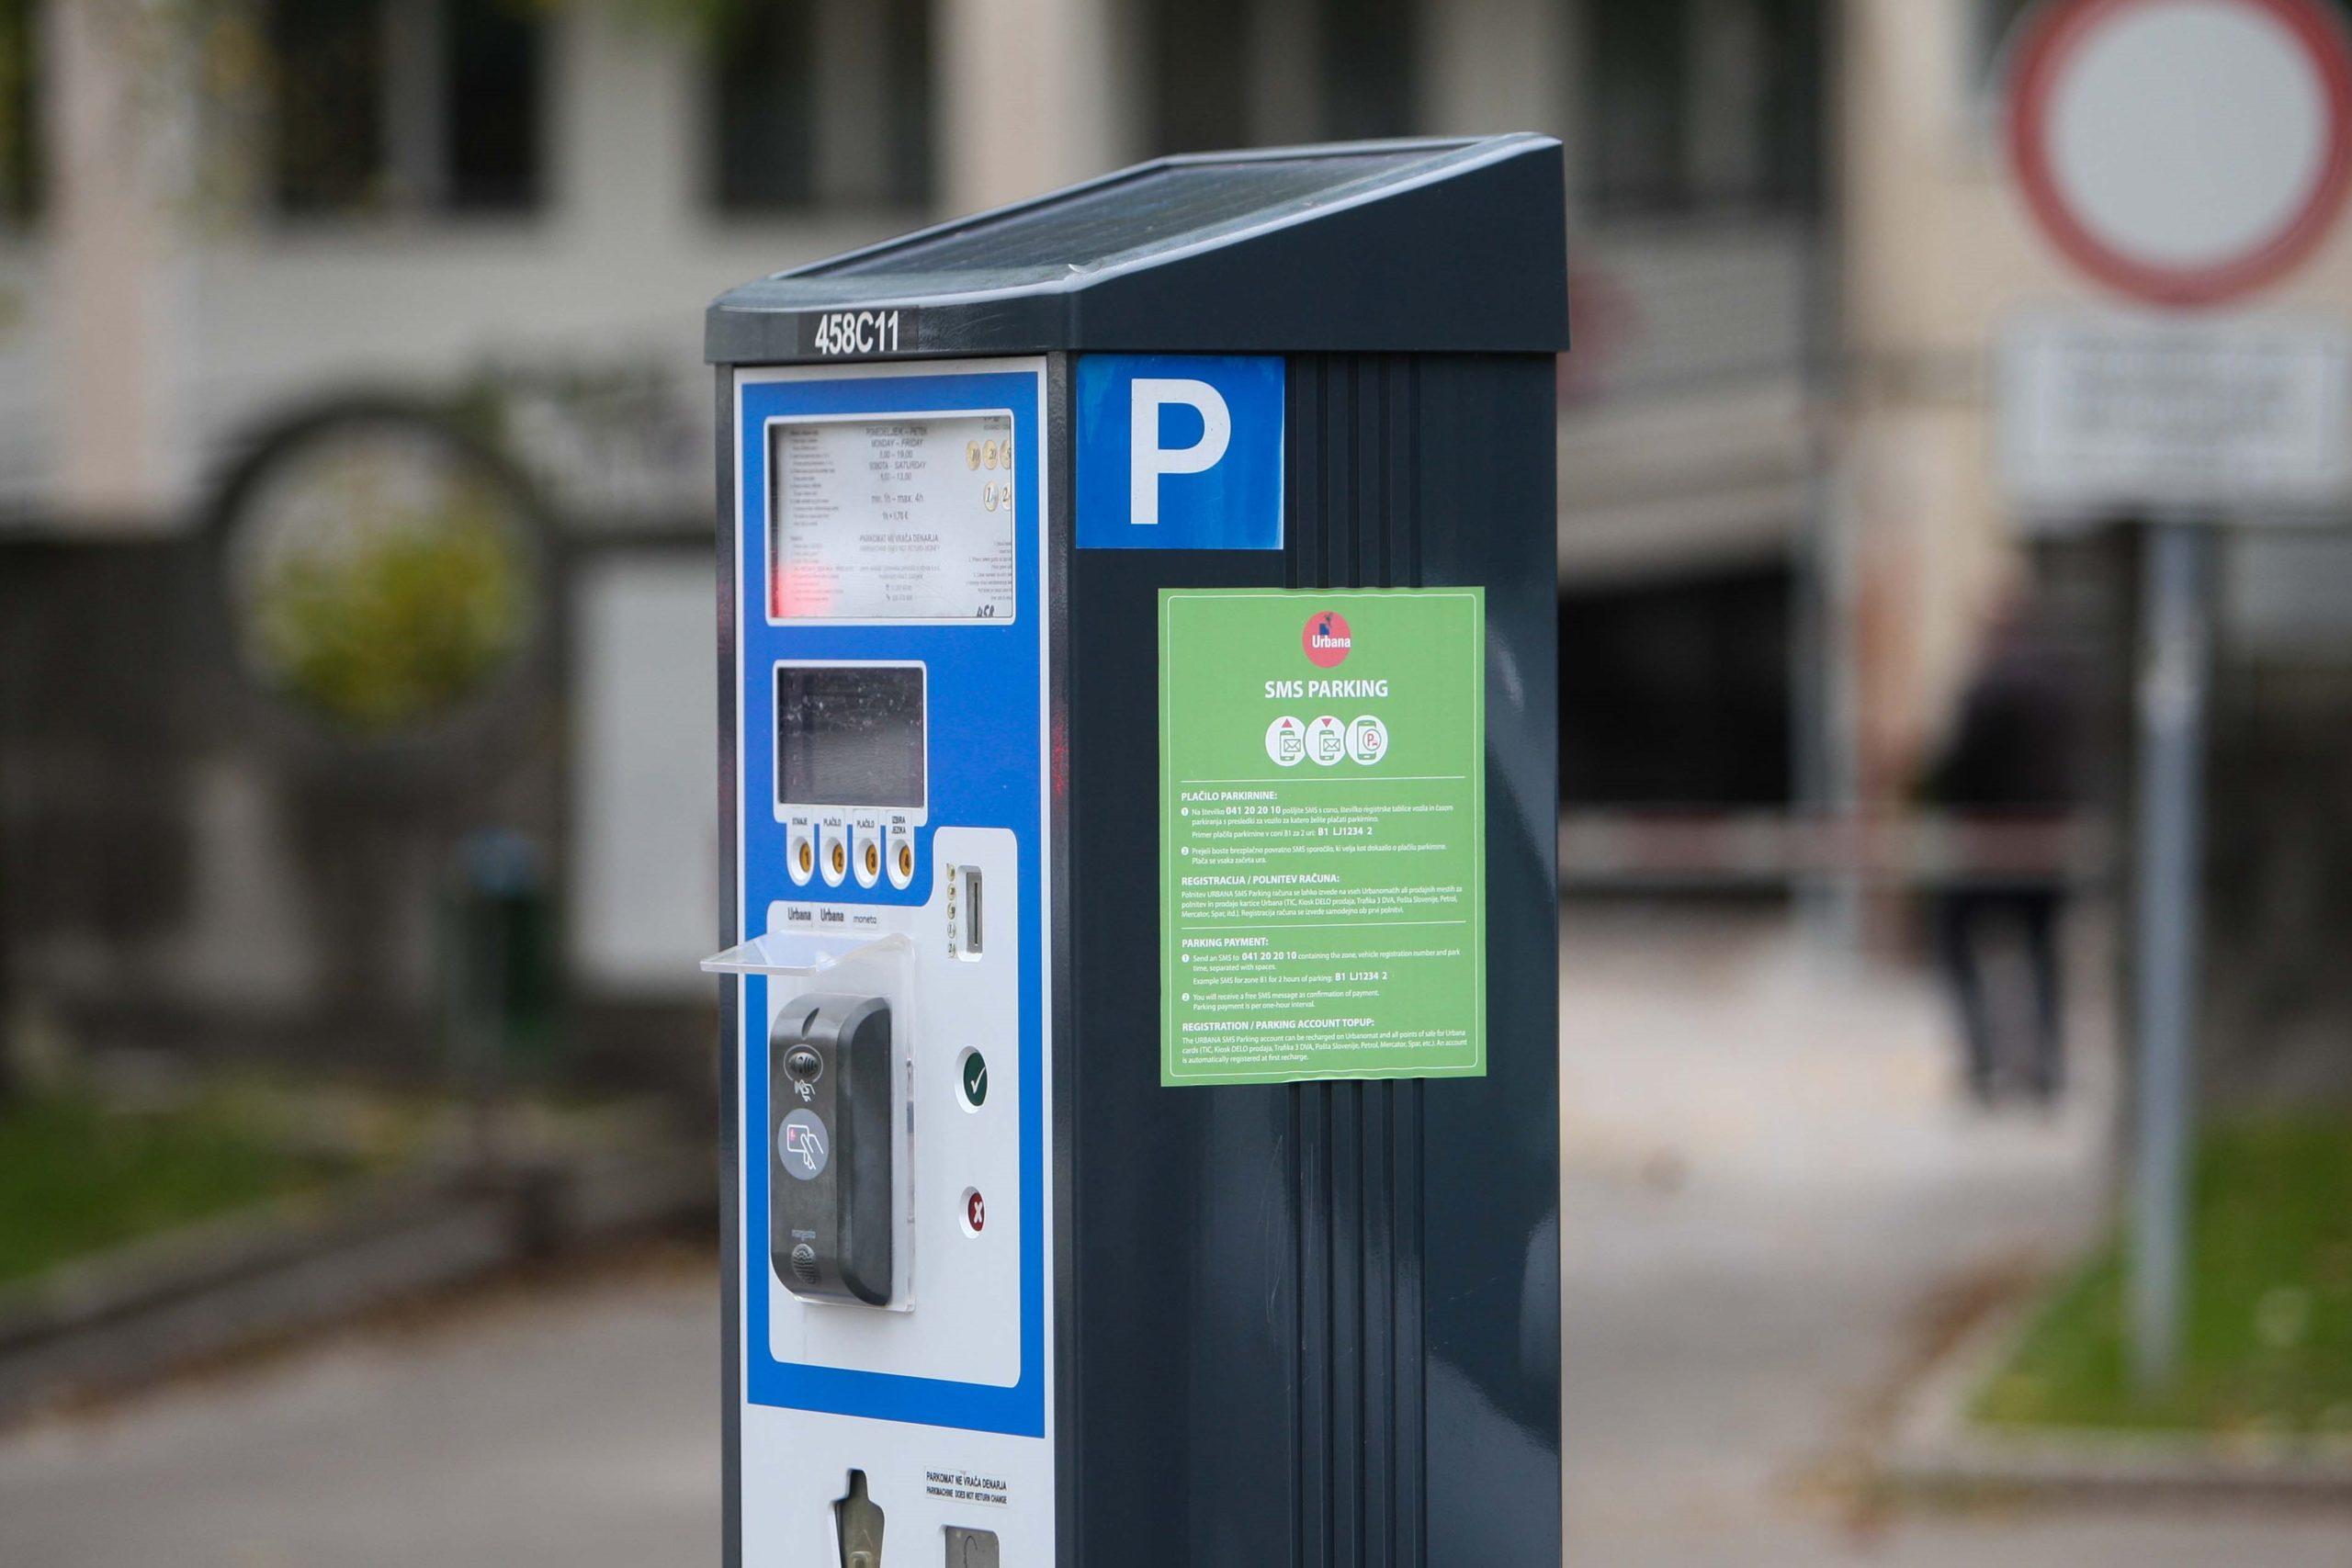 Ljubljanski parkomati ropajo uporabnike parkirišč